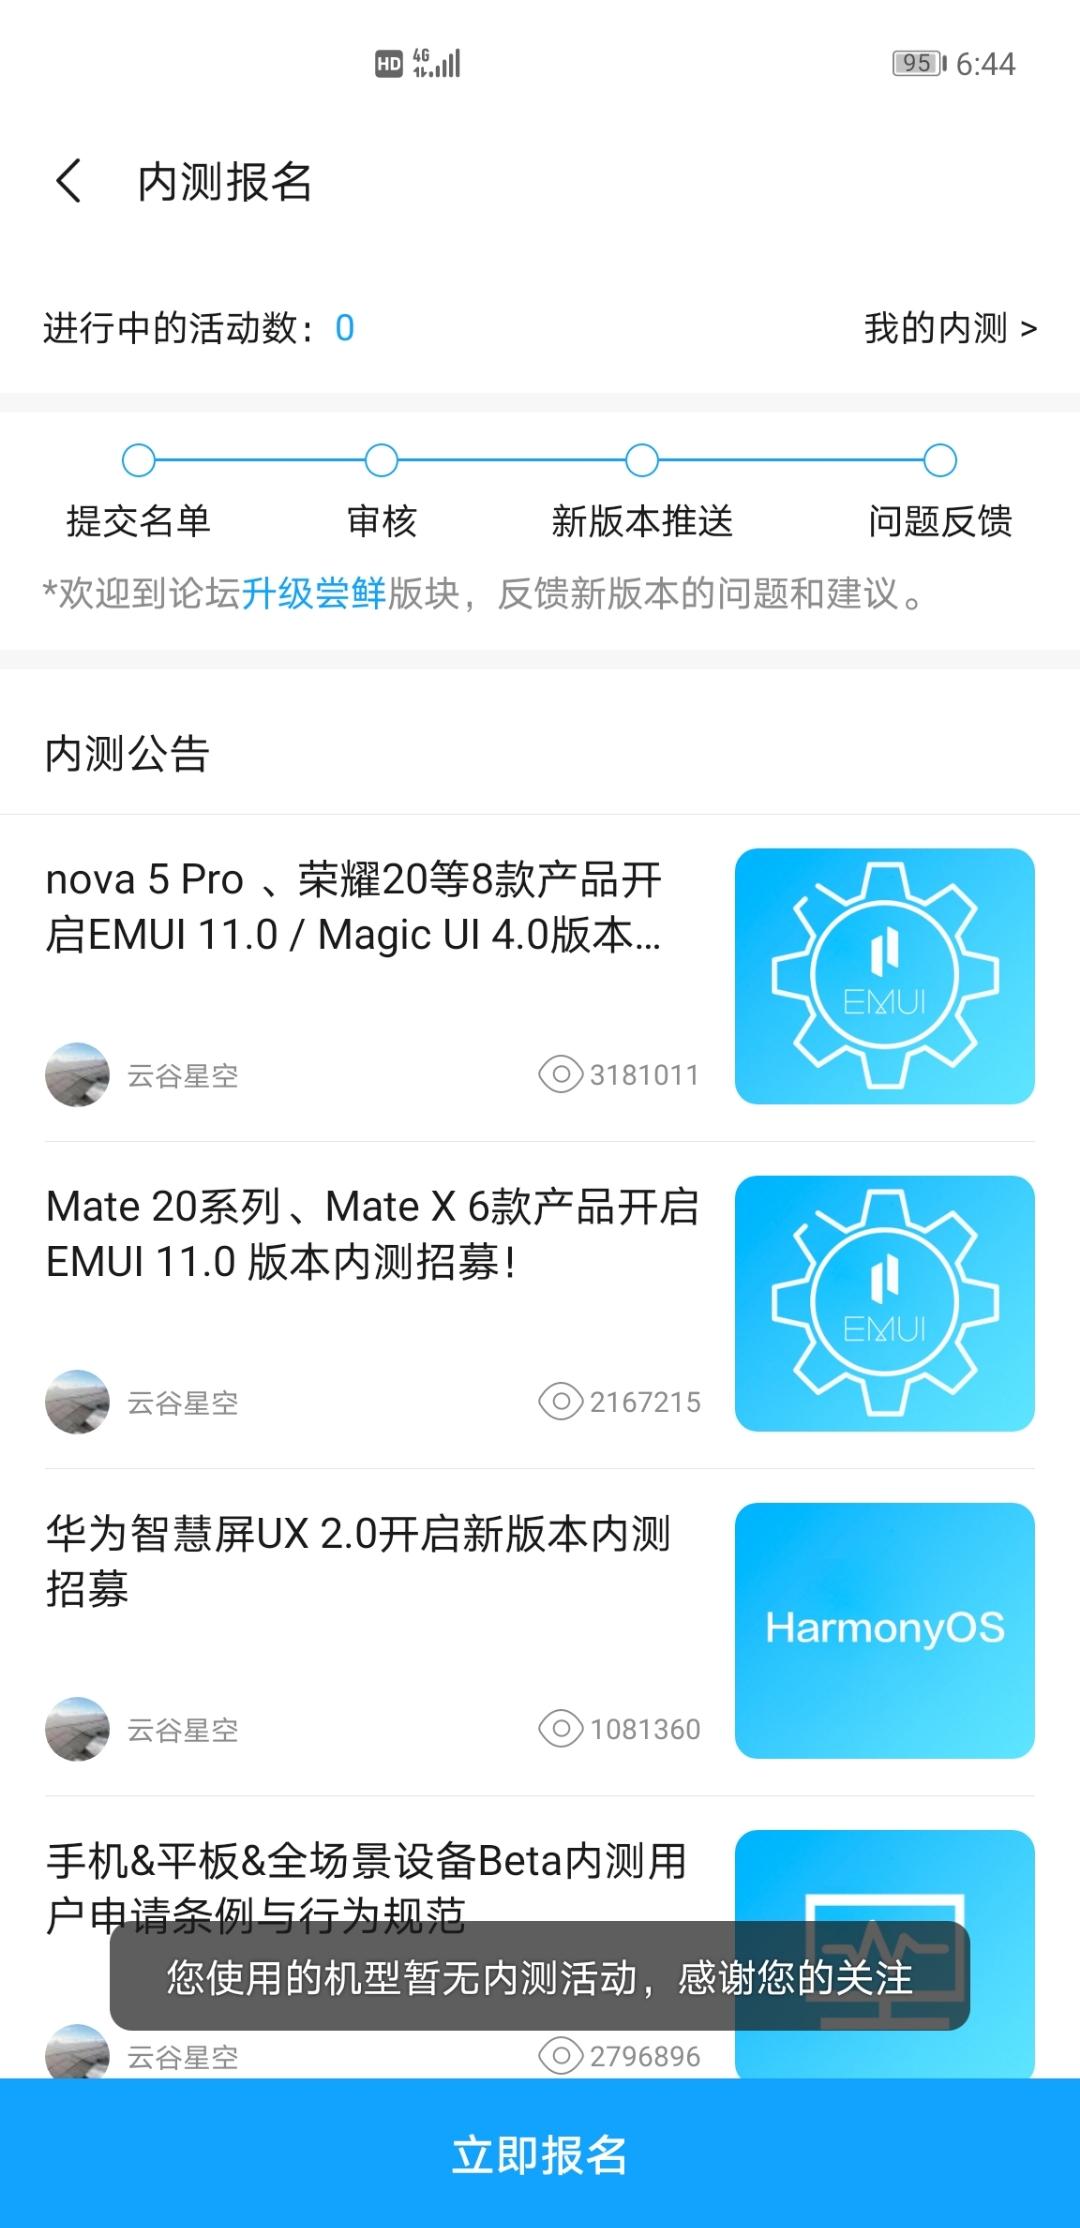 Screenshot_20210316_184408_com.huawei.fans.jpg